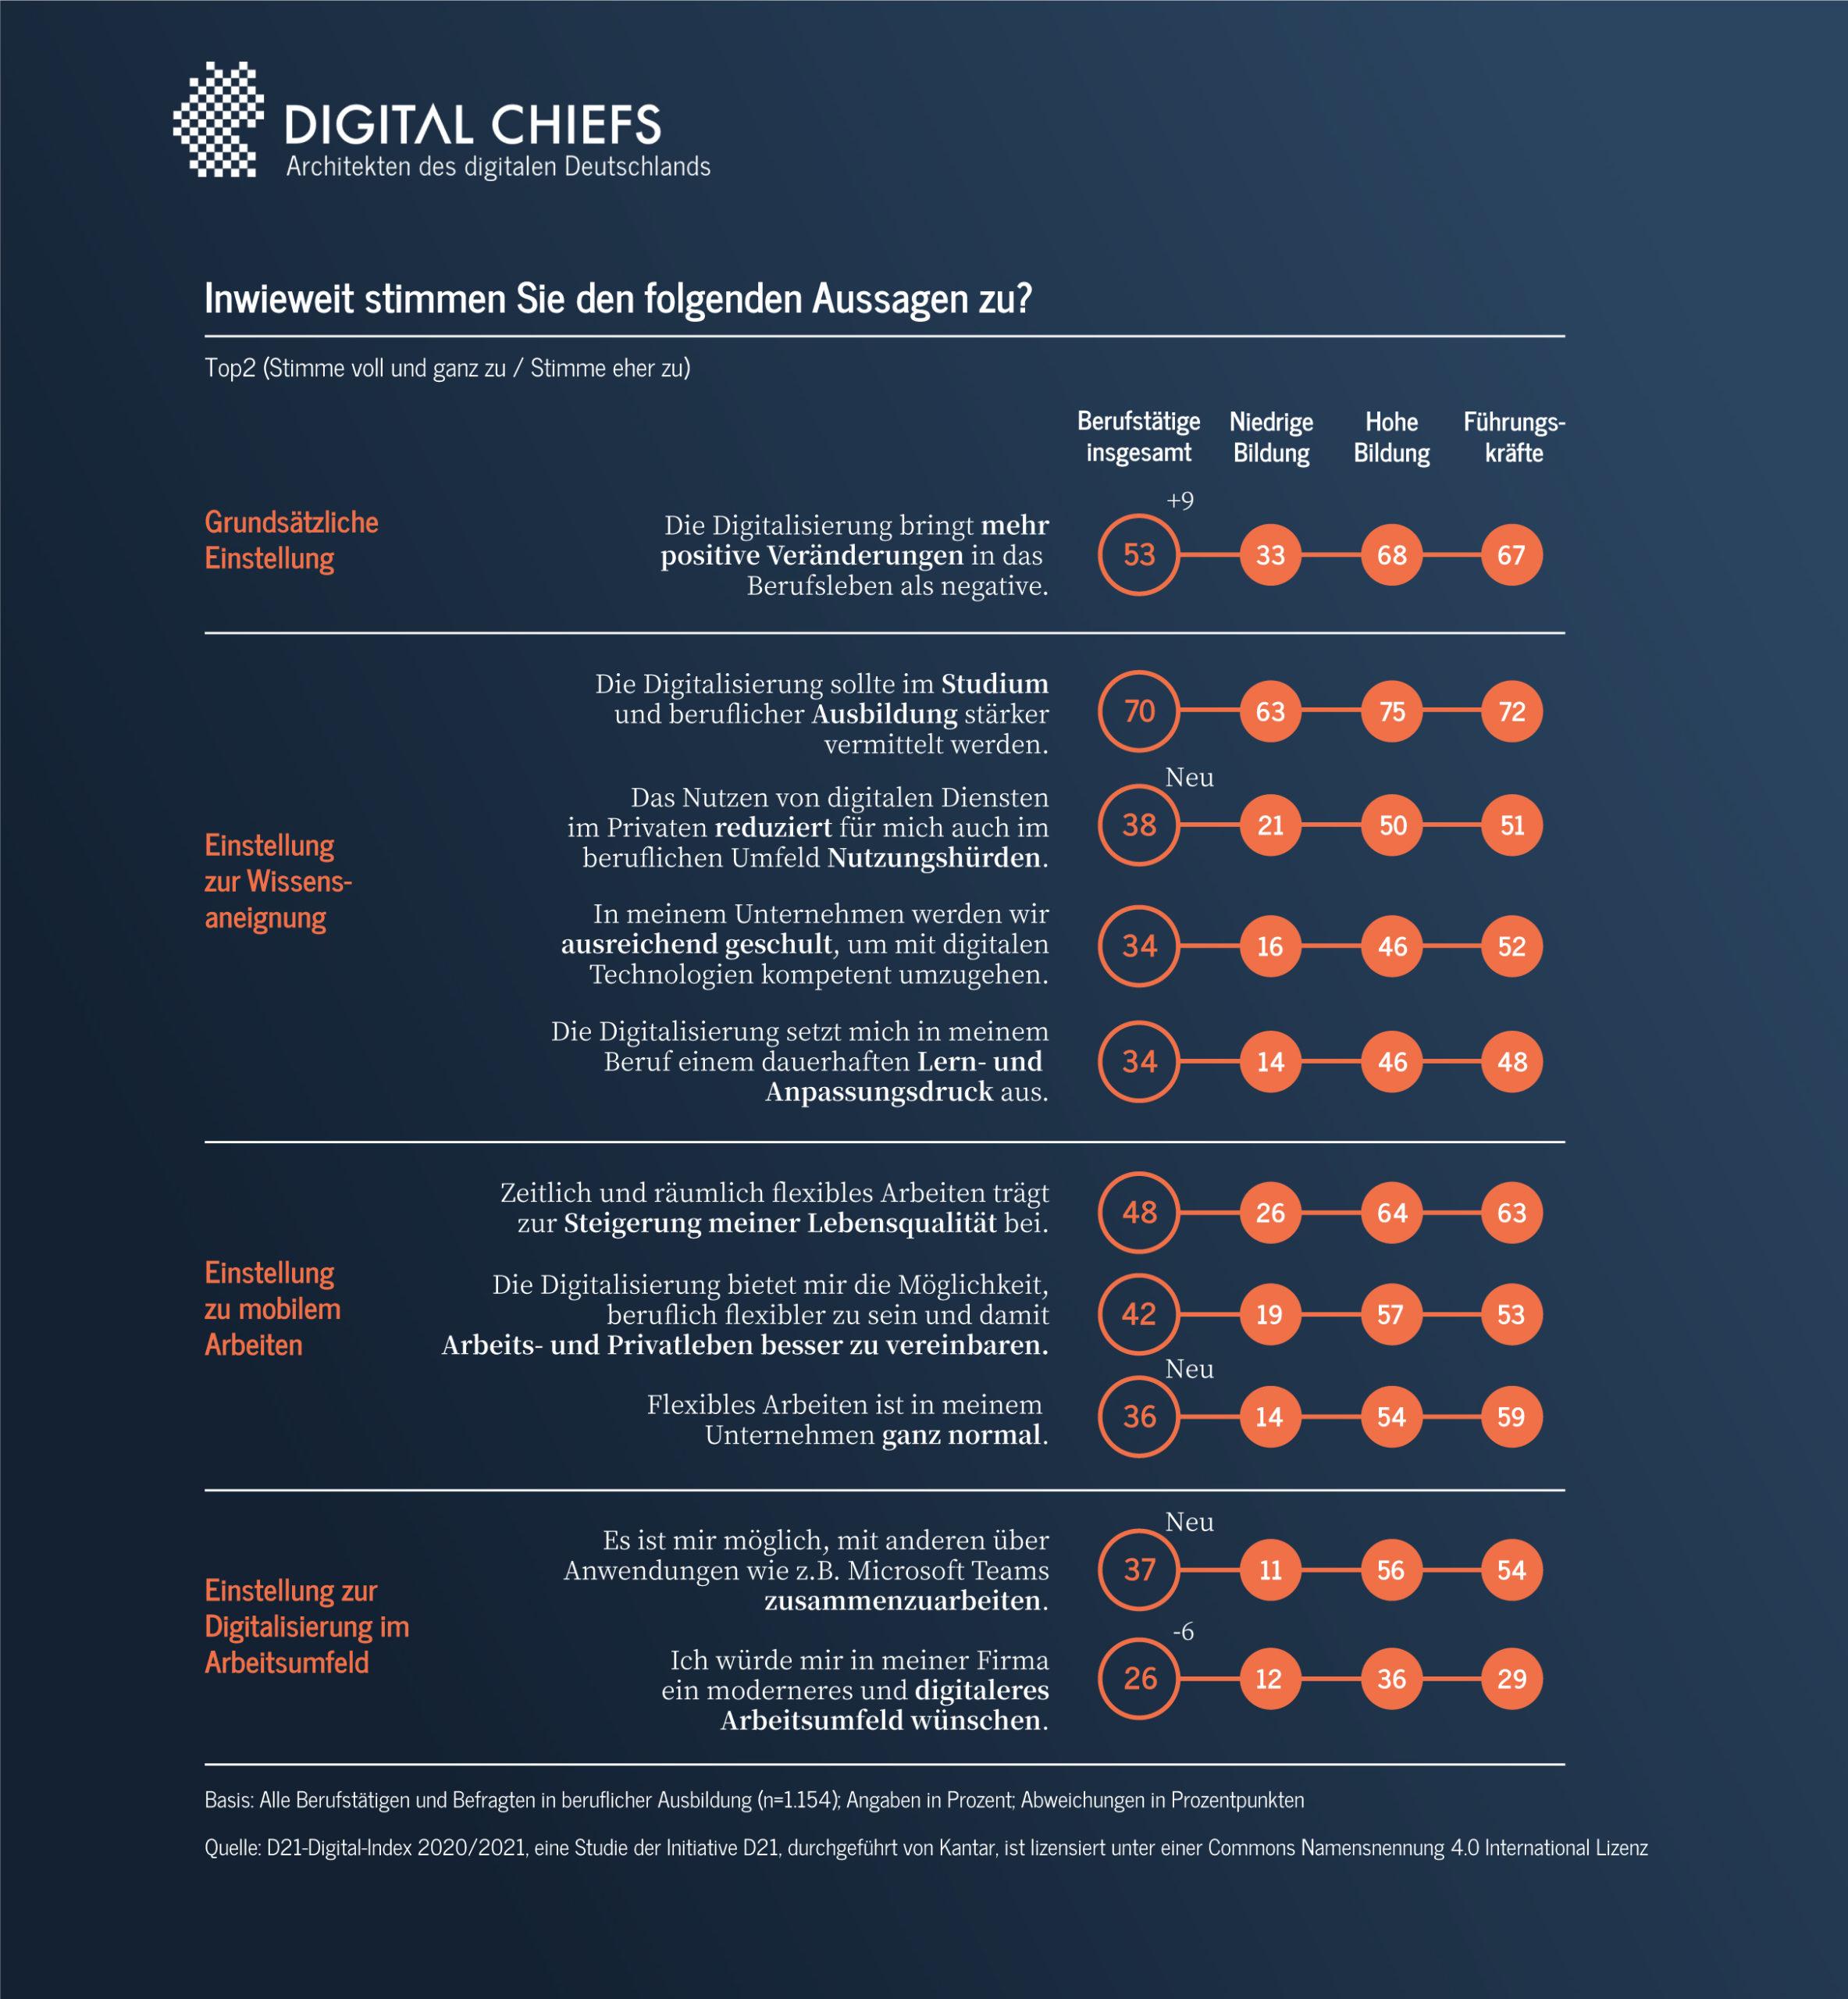 digital-index-zustimmung-aussagen-digital-chiefs